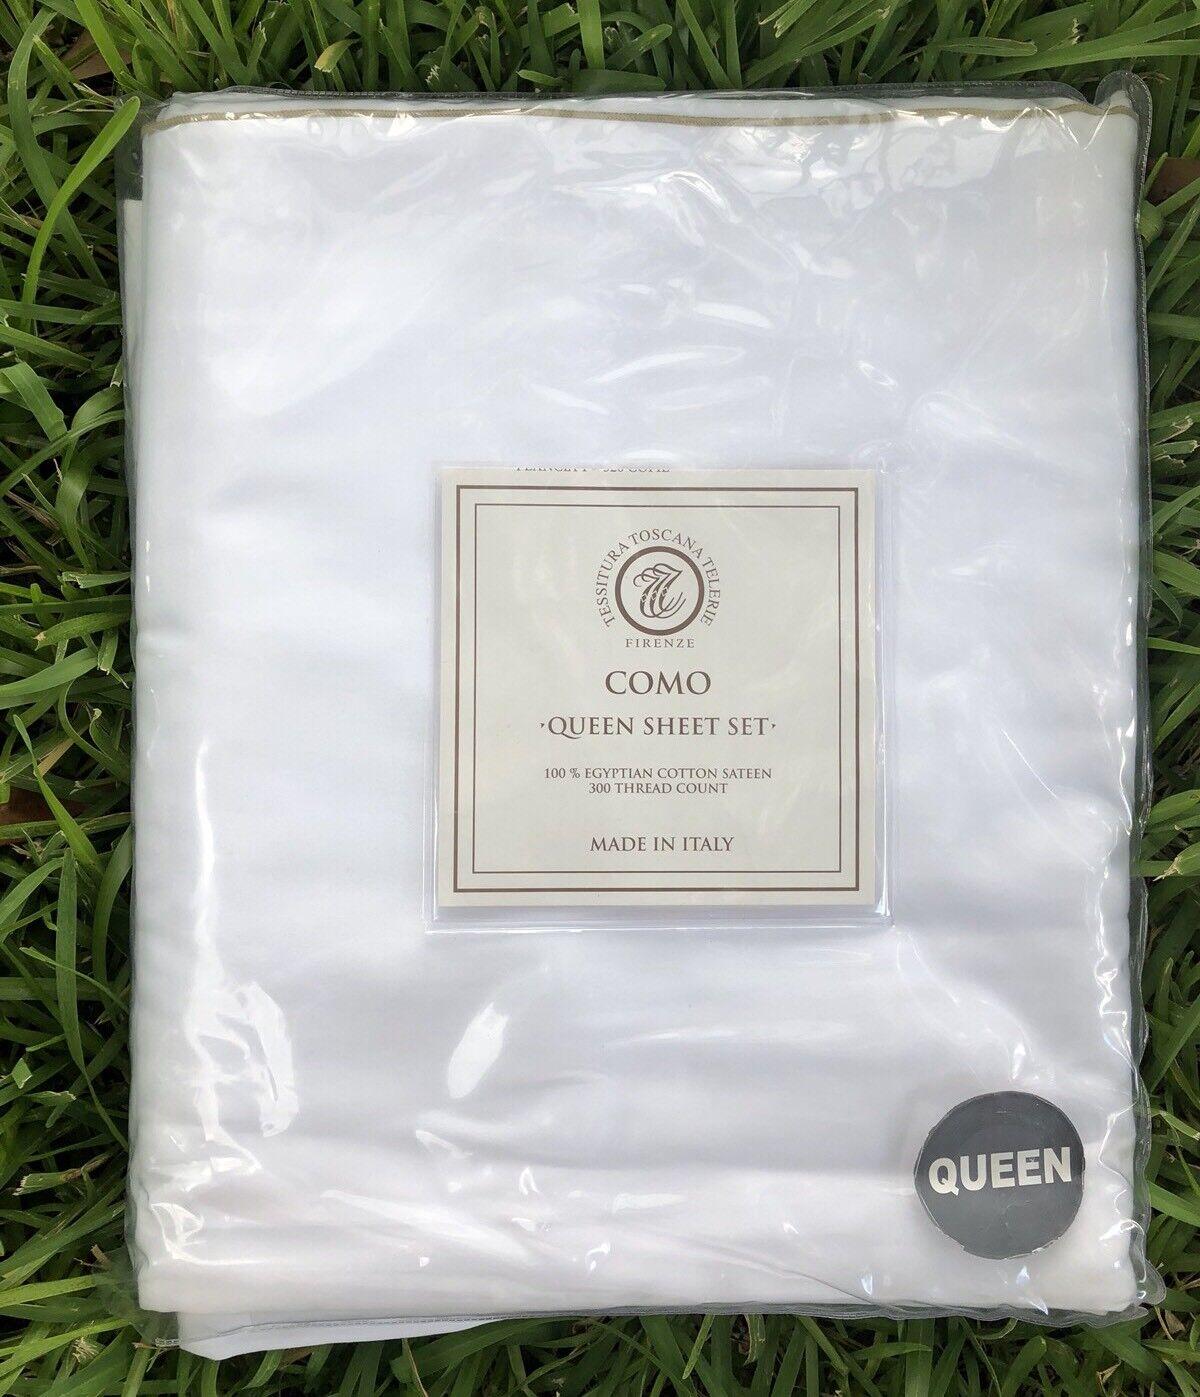 Tessitura Toscana Telerie Como 300 Egyptian Cotton Sateen Queen Sheet Set Weiß